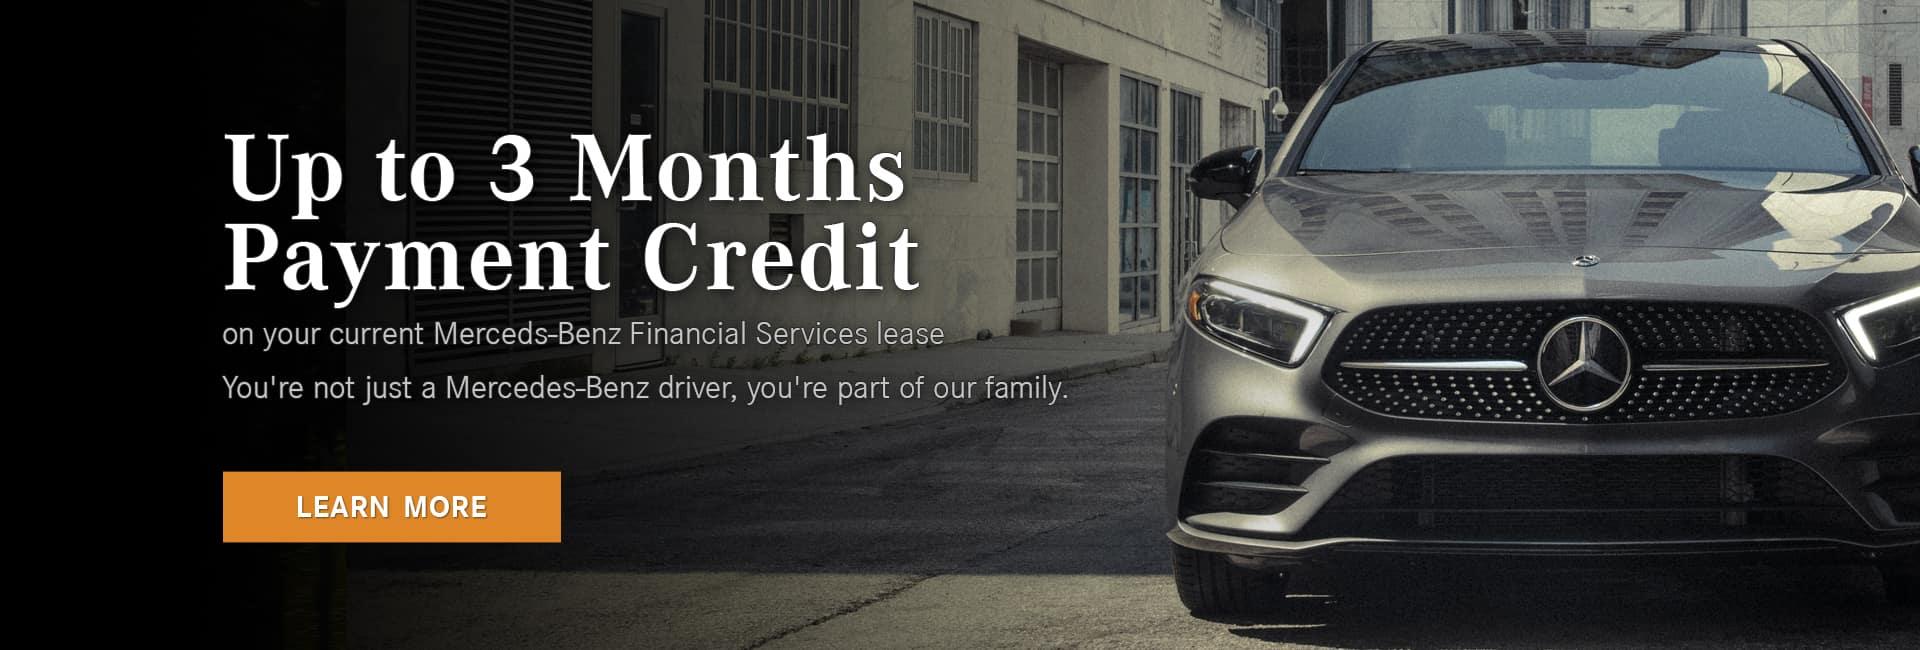 MB Payment Credit Slider 1920×650 1